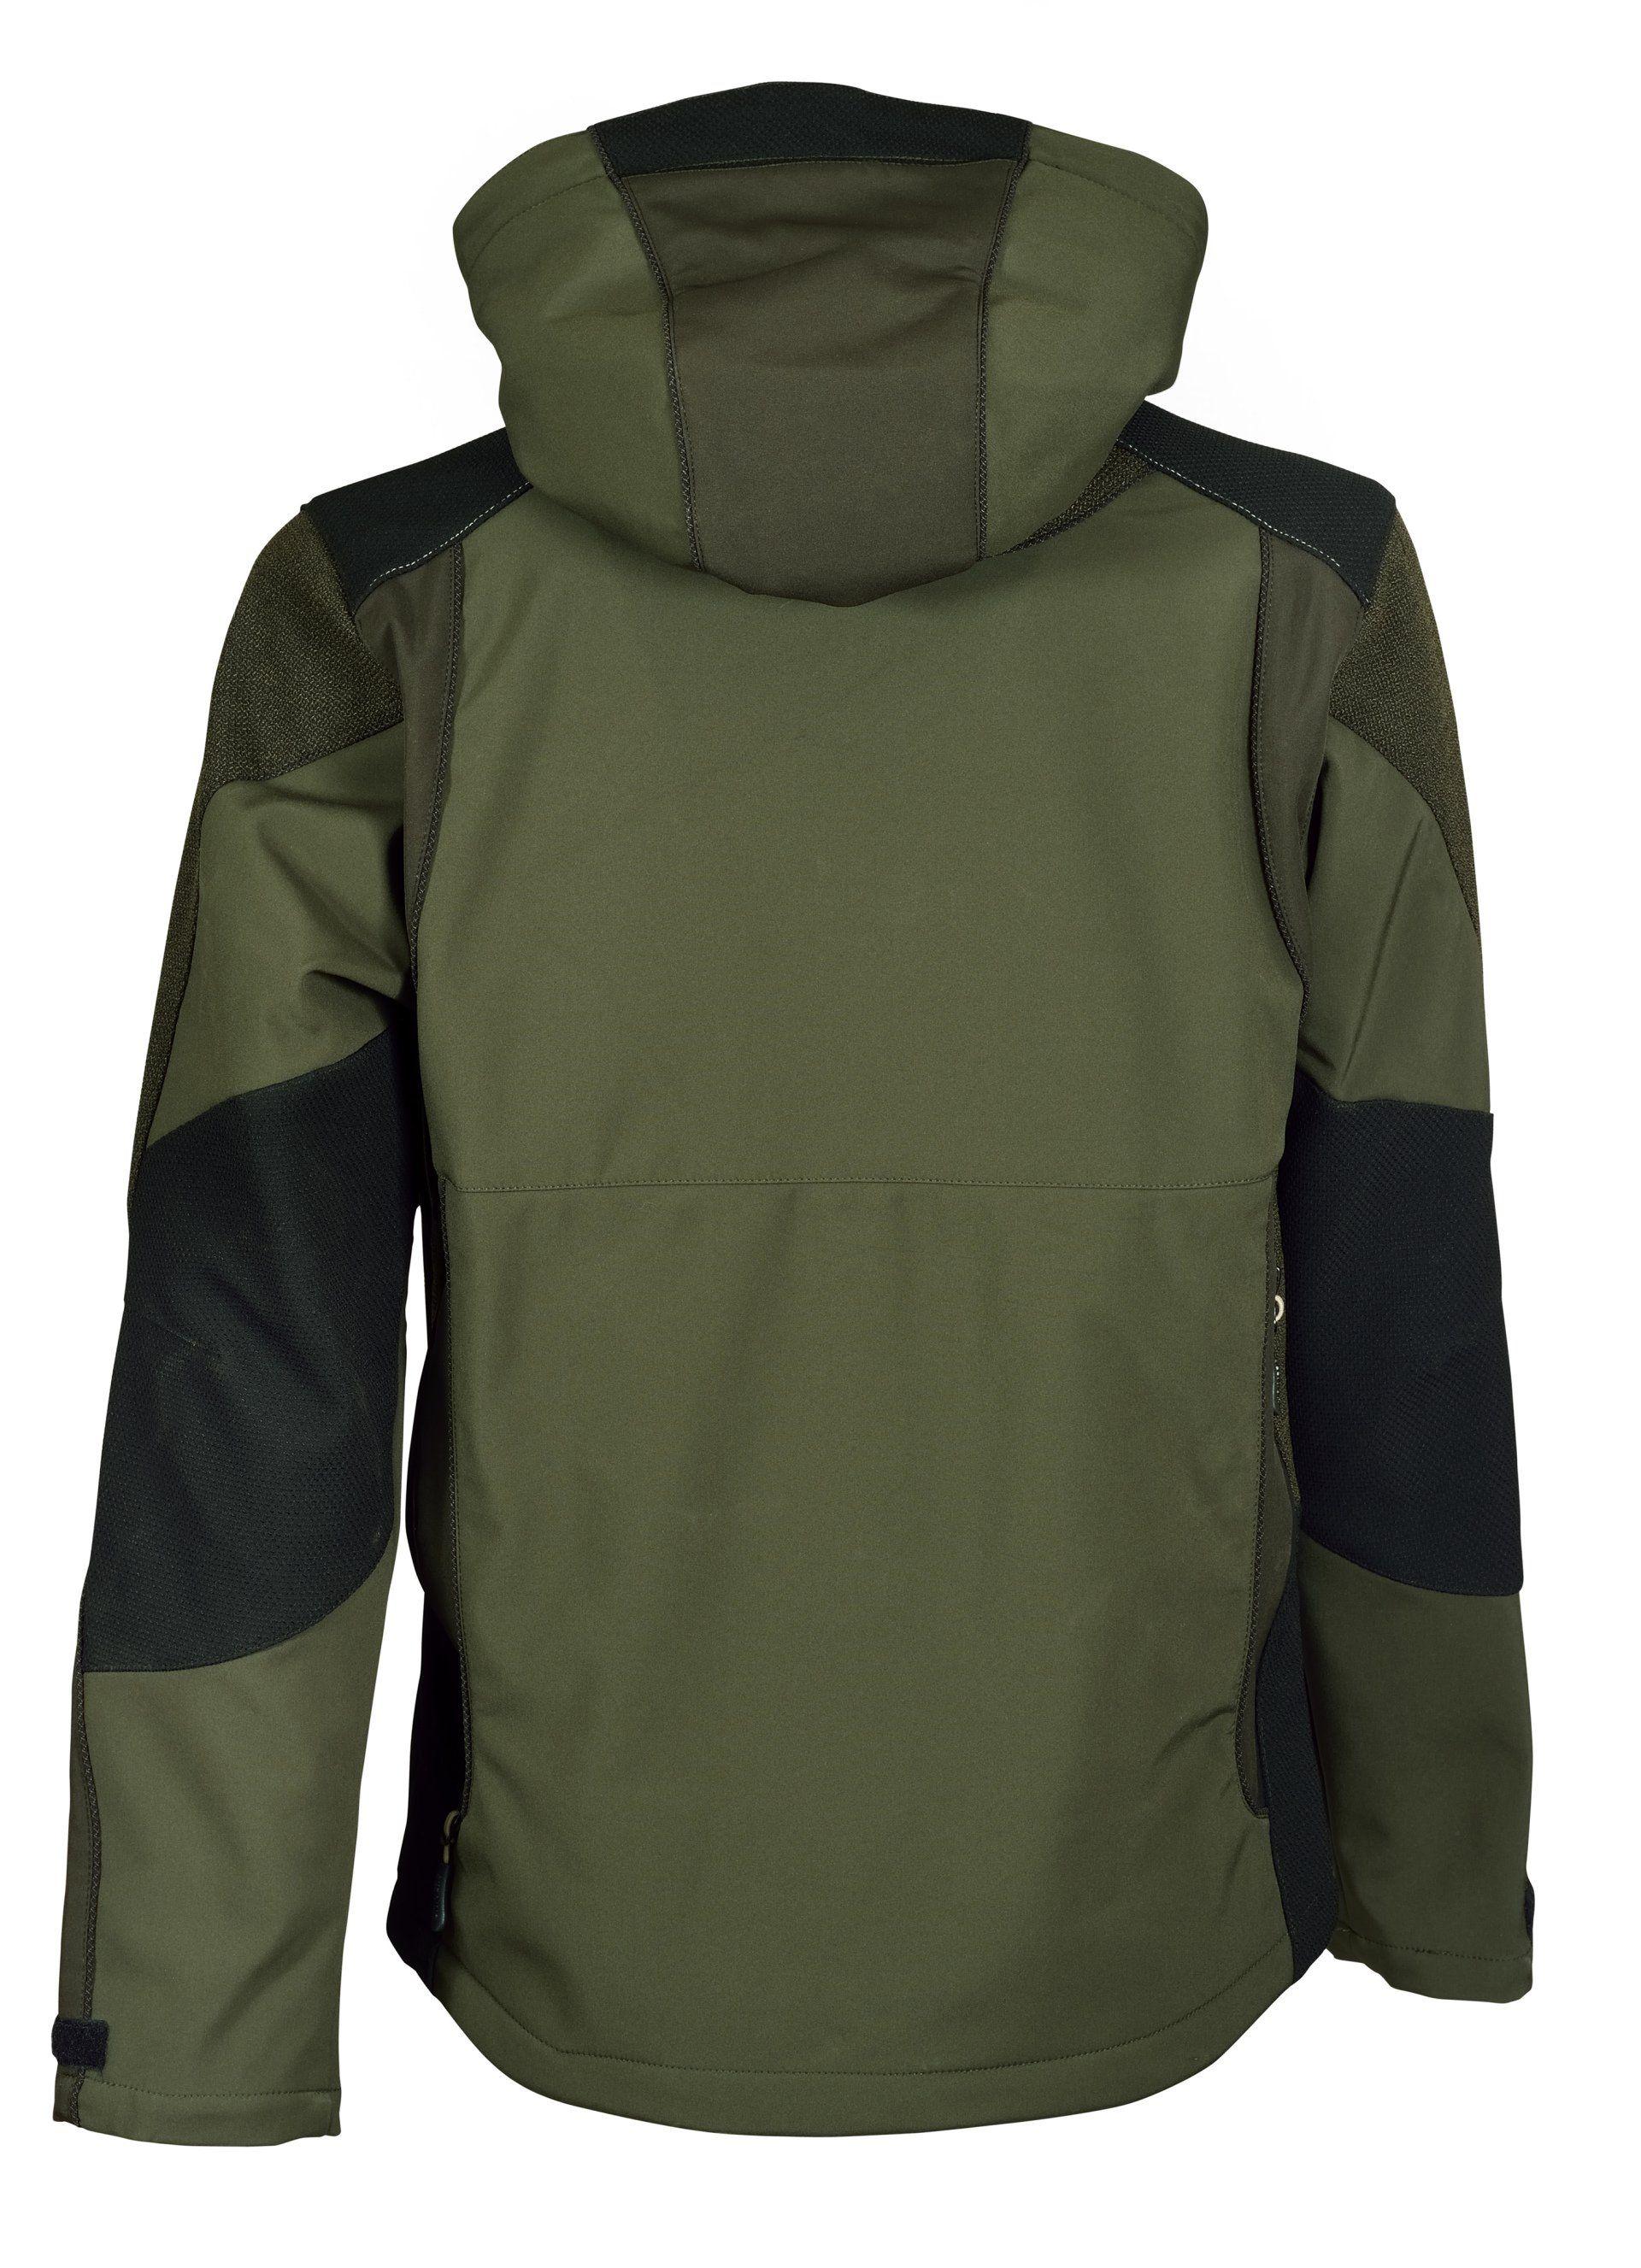 Univers Jacket Waterproof 91002/326